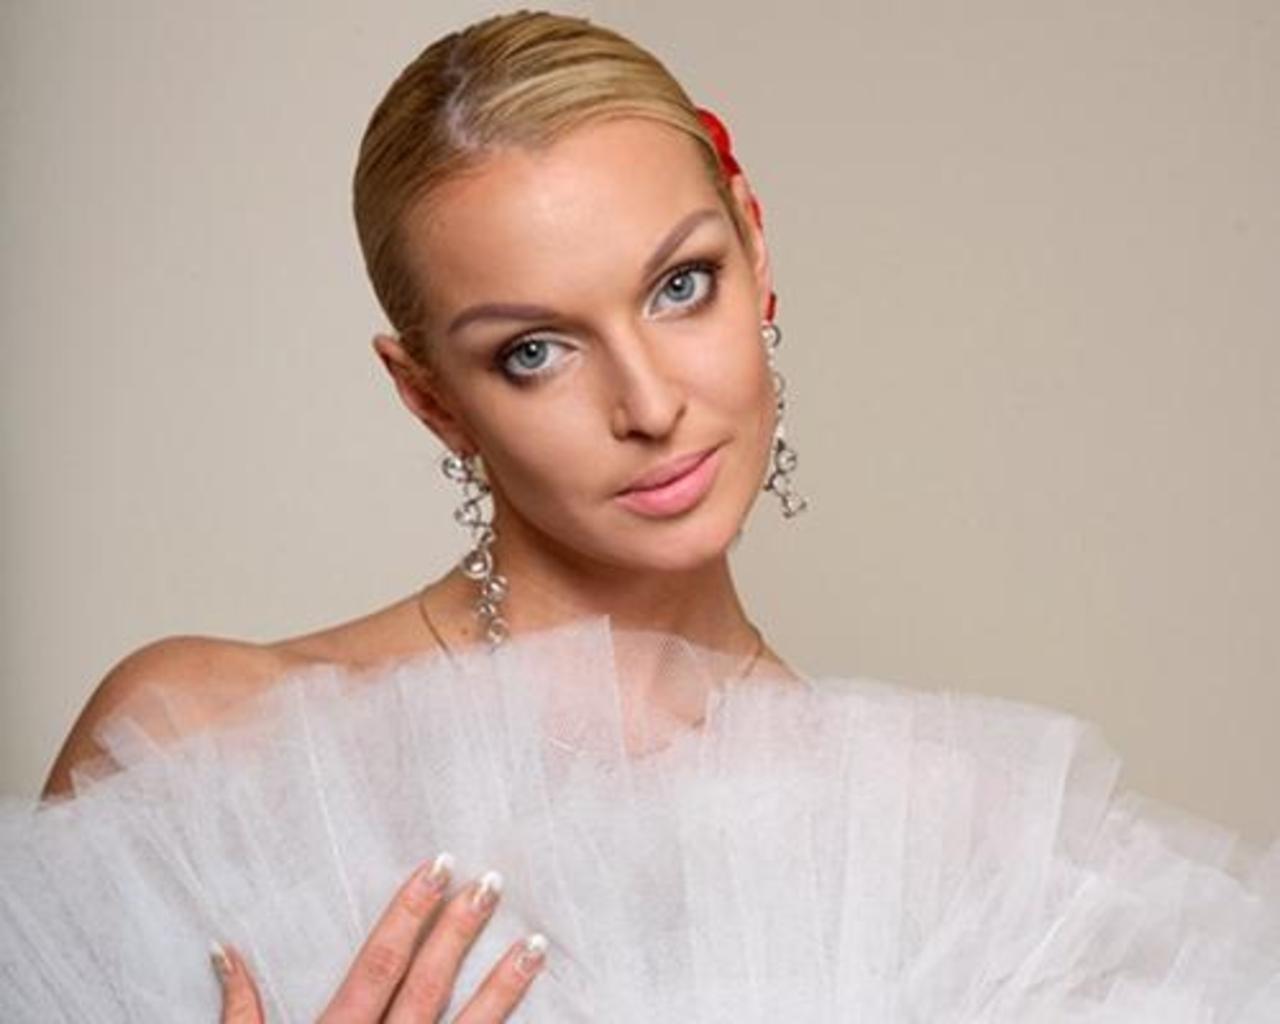 Анастасия Волочкова вернула бывшего мужа и похвасталась своей свадьбой, фото